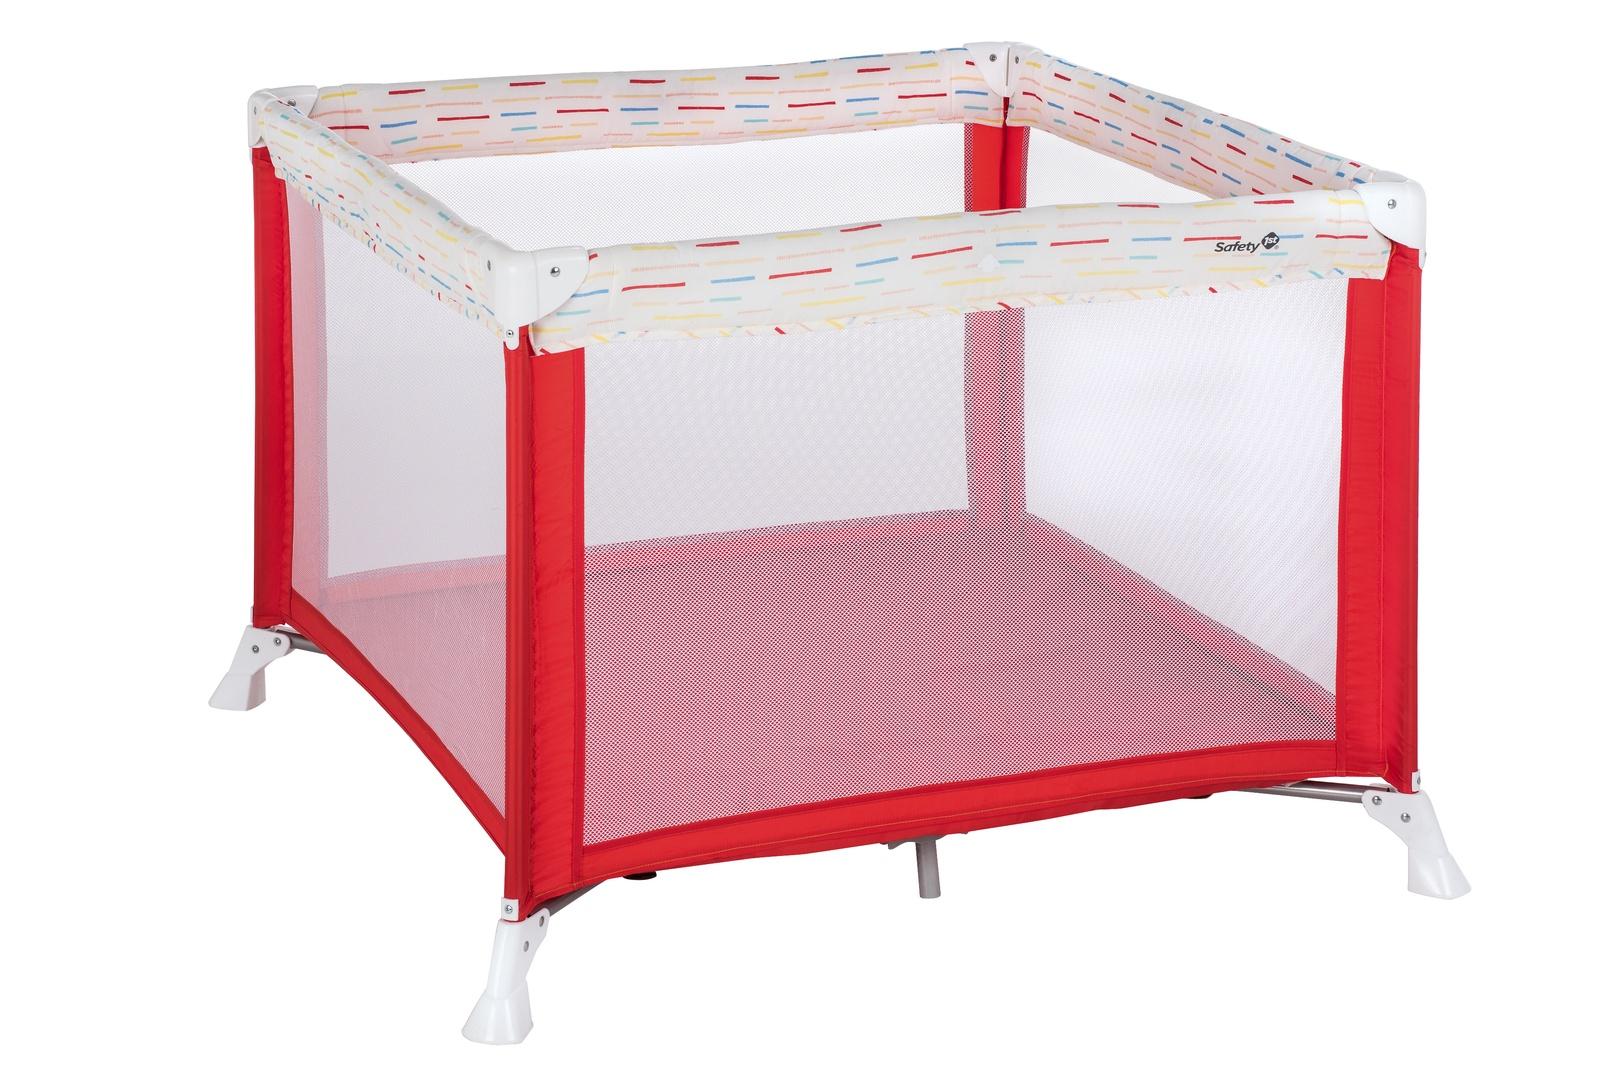 Манеж-кроватка Safety 1st Circus 2508260000, 2508260000 красный